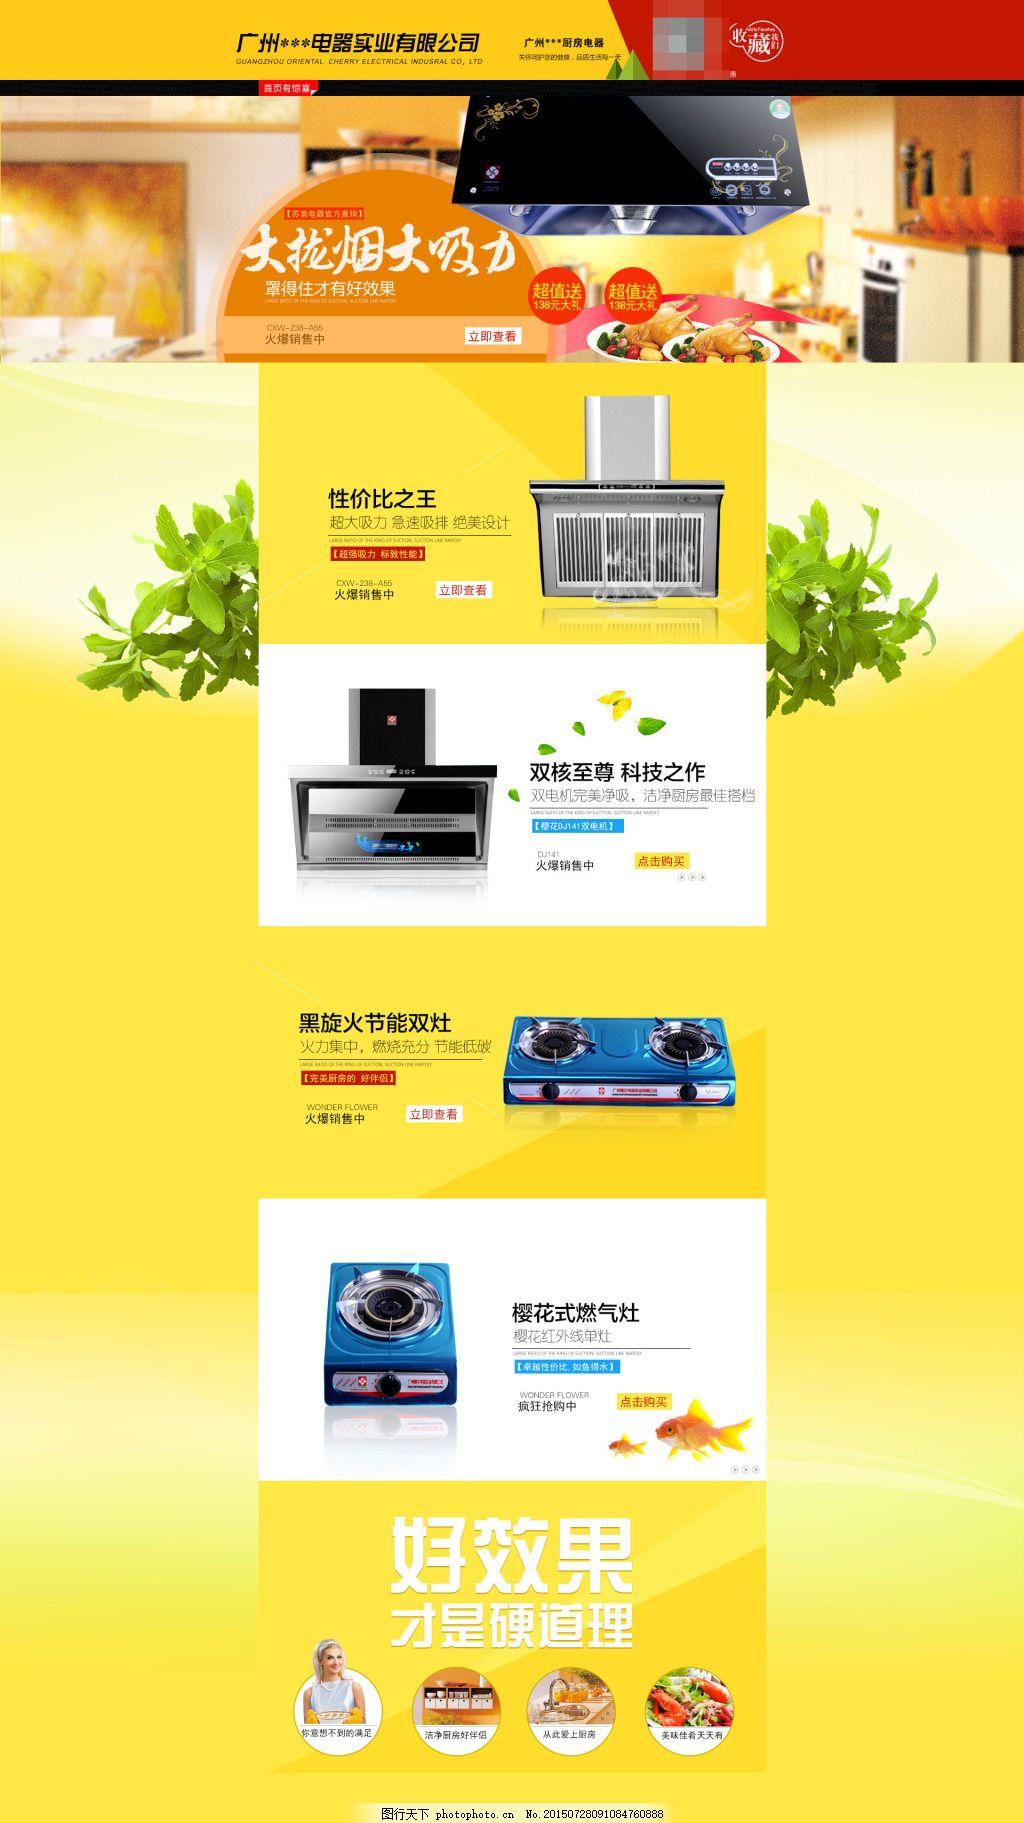 淘宝厨房用具店铺首页促销海报 活动海报 大图海报 时尚海报 黄色